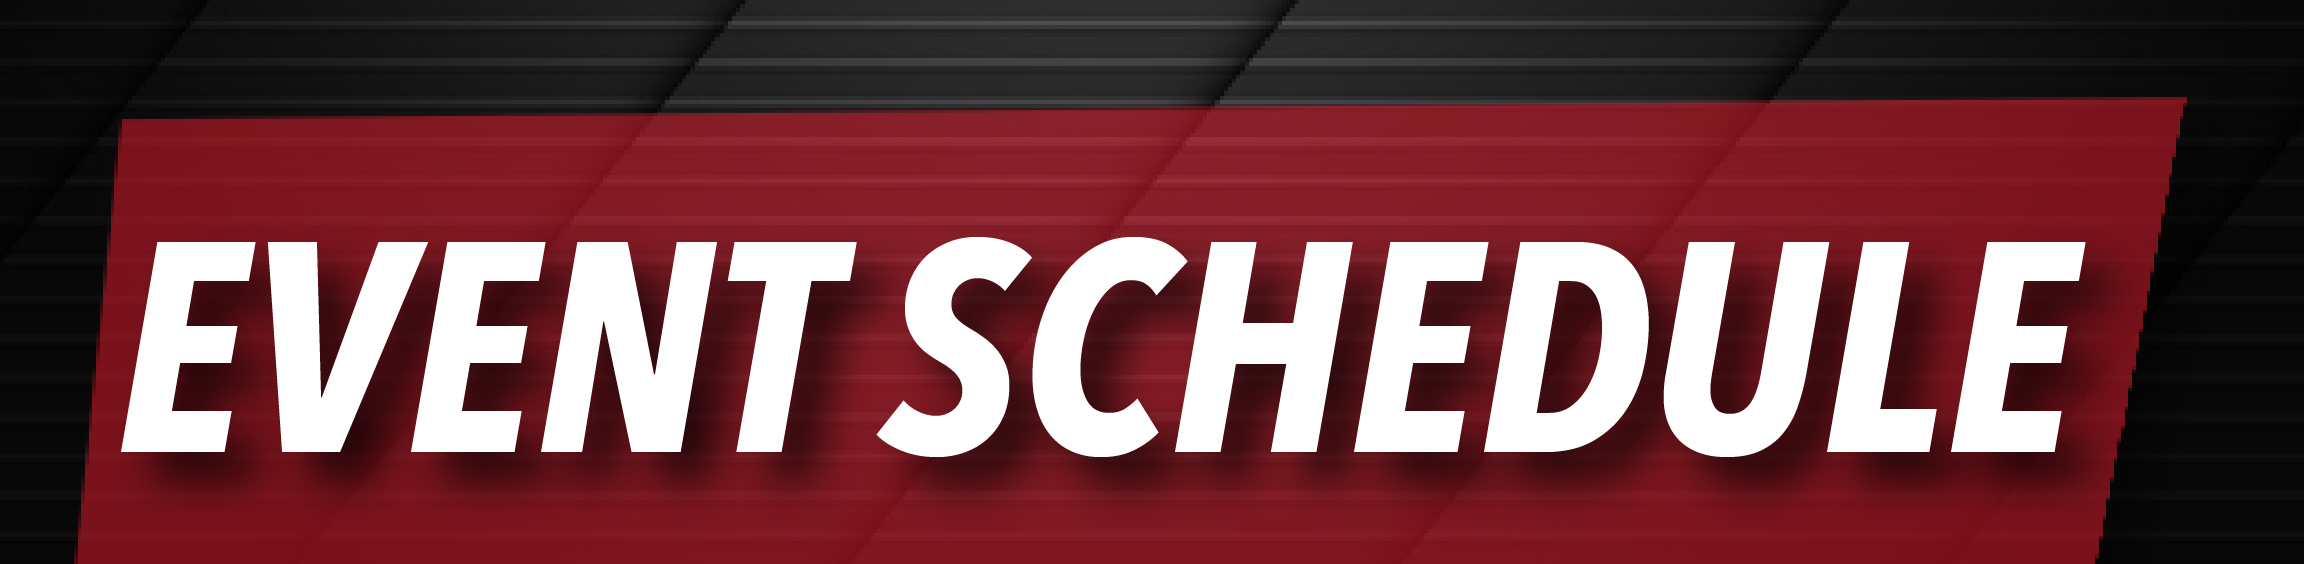 event schedule world bid usasf cheer